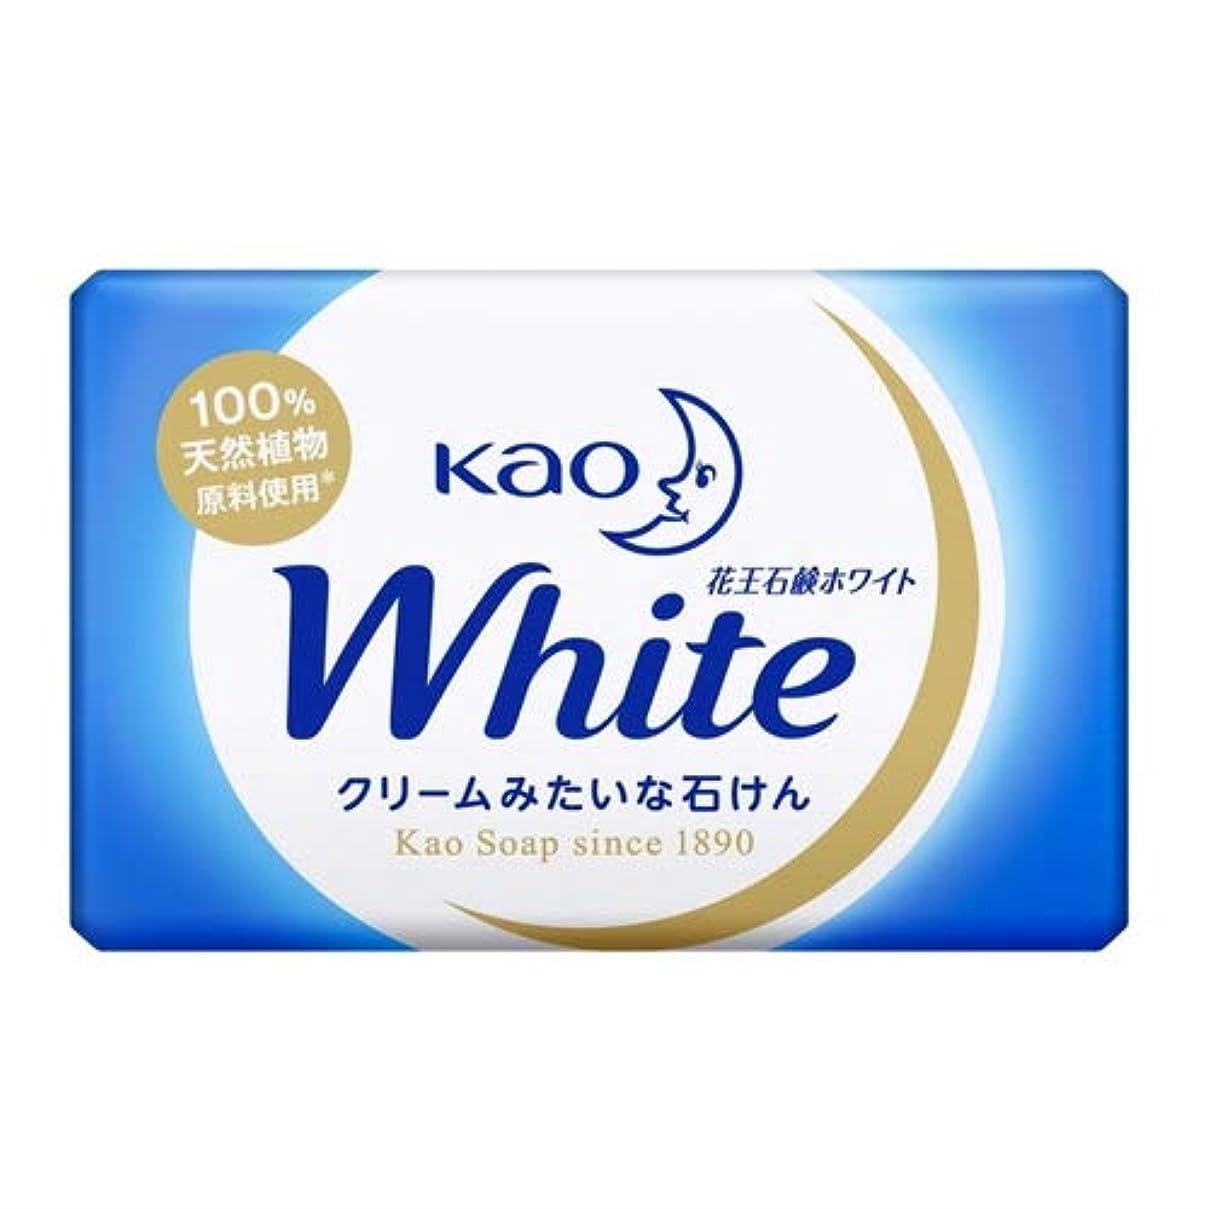 少なくともビジター移住する花王石鹸ホワイト 業務用ミニサイズ 15g × 10個セット